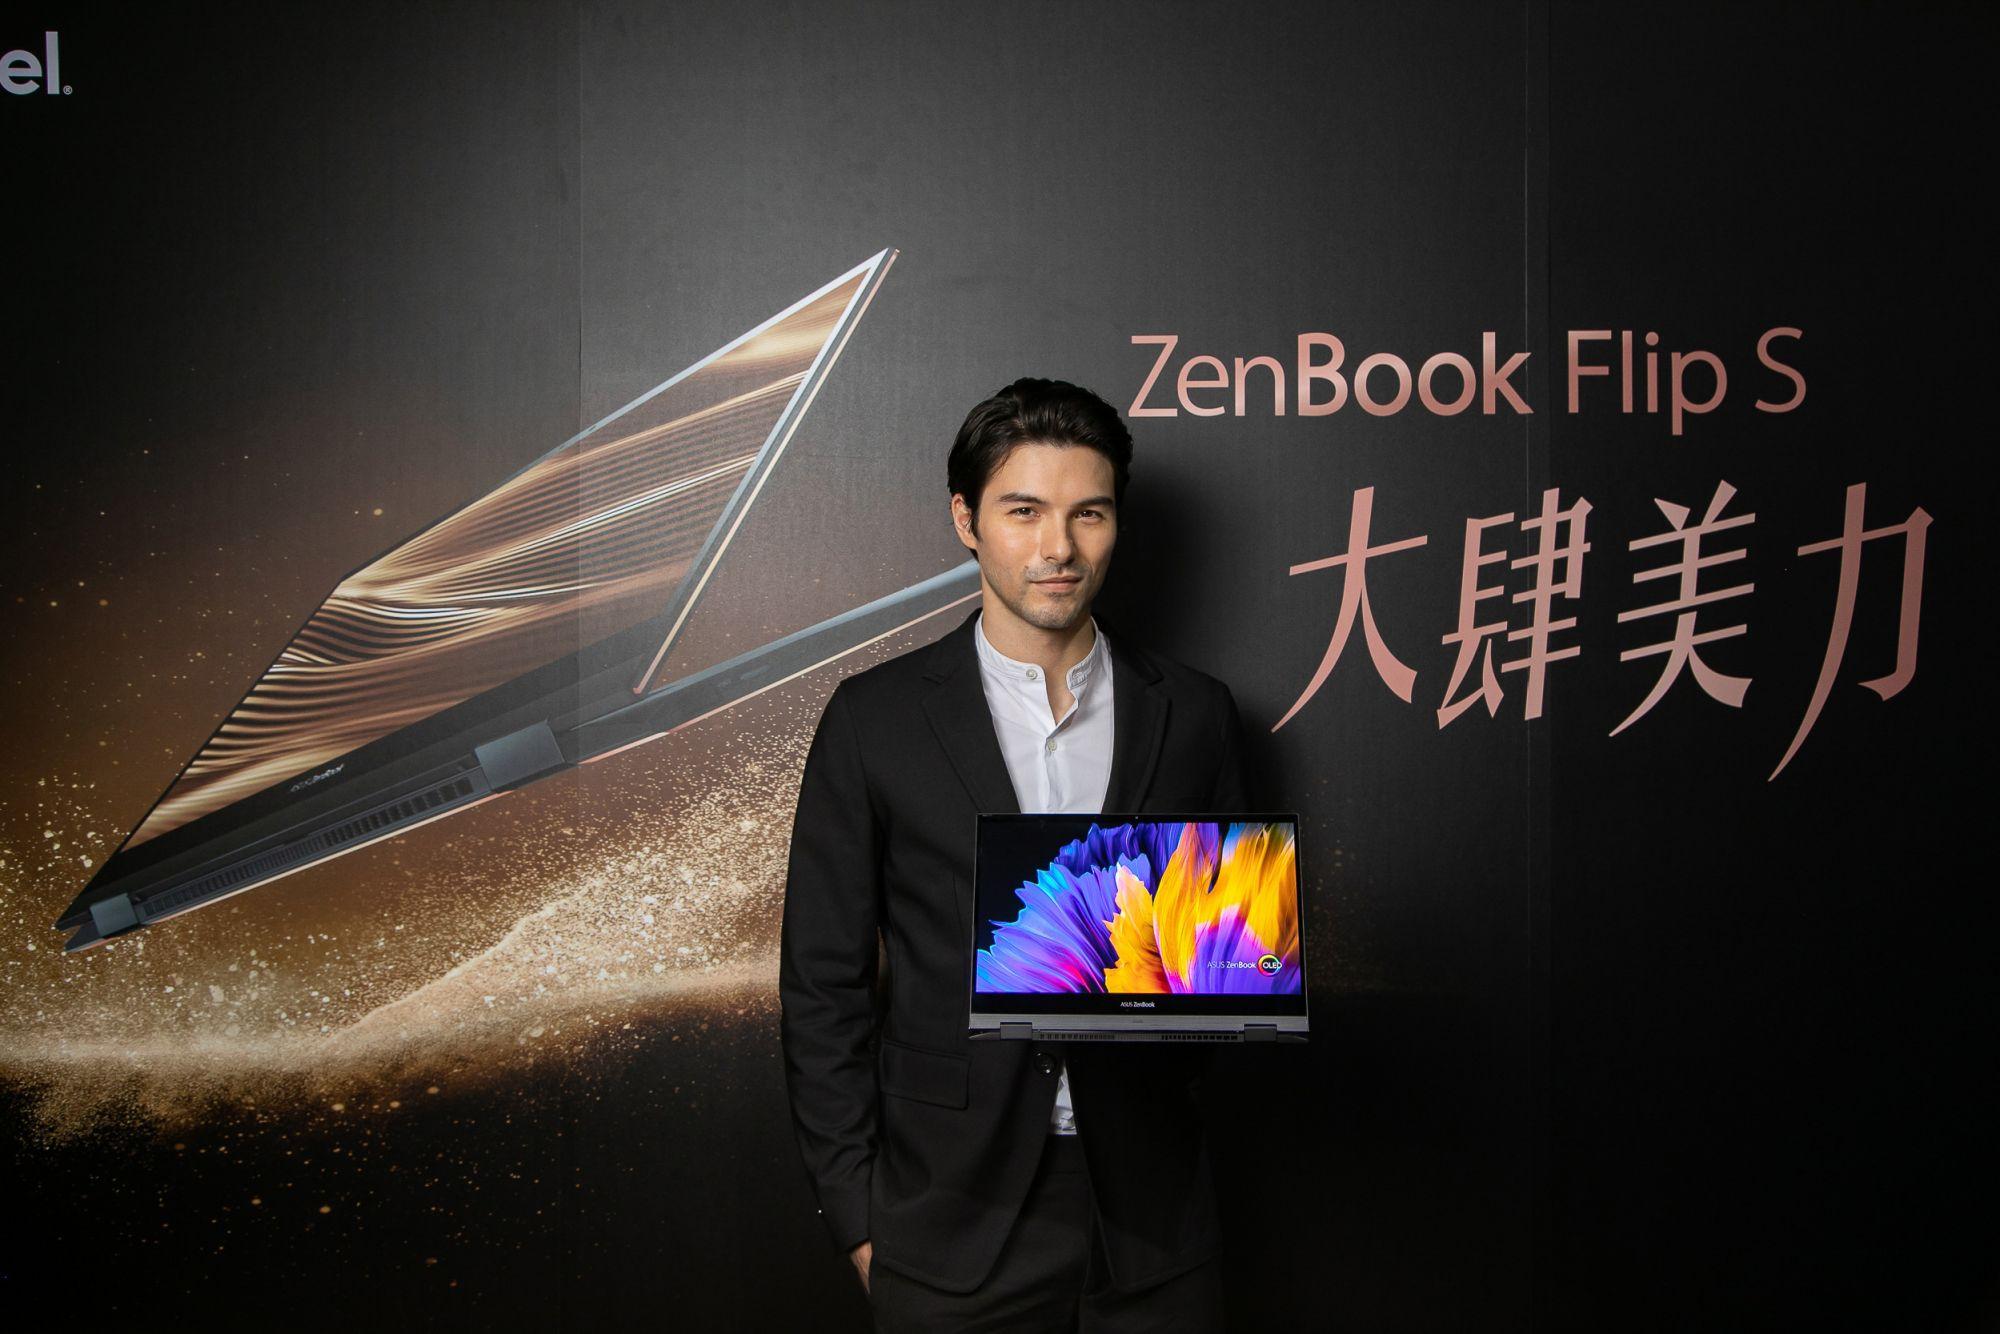 擁有演員、音樂創作者及表演工作室創辦人等多重身分的鳳小岳擔任ZenBook產品大使,分享ZenBook使用體驗。